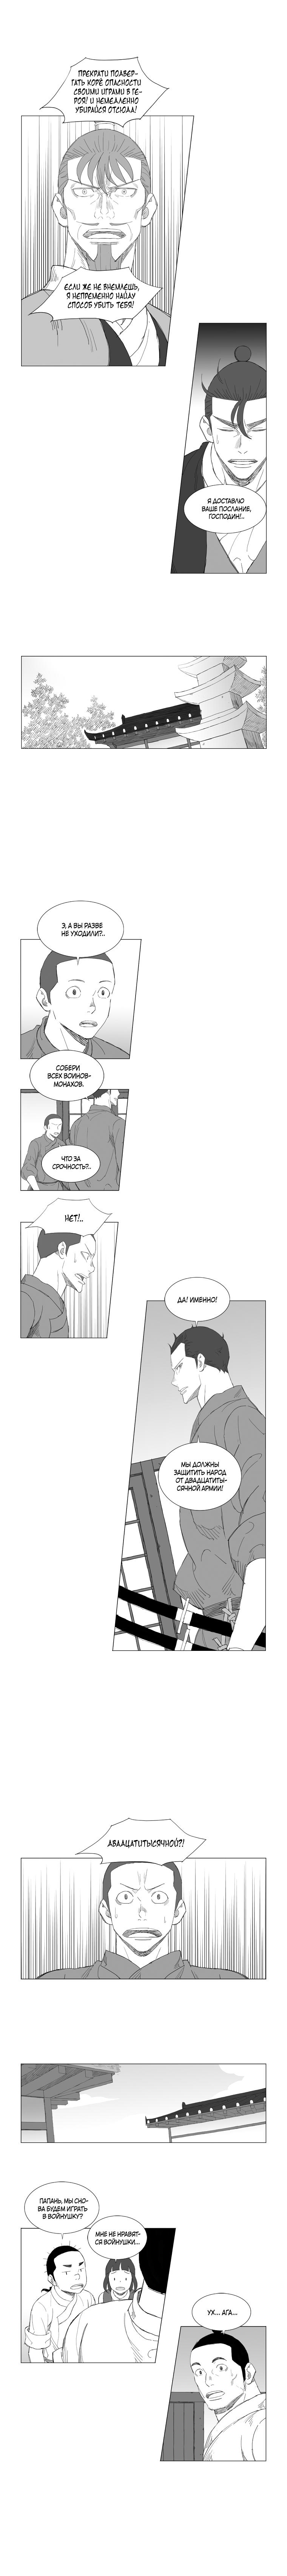 https://r1.ninemanga.com/comics/pic3/39/28263/1323227/1552605395951.png Page 2